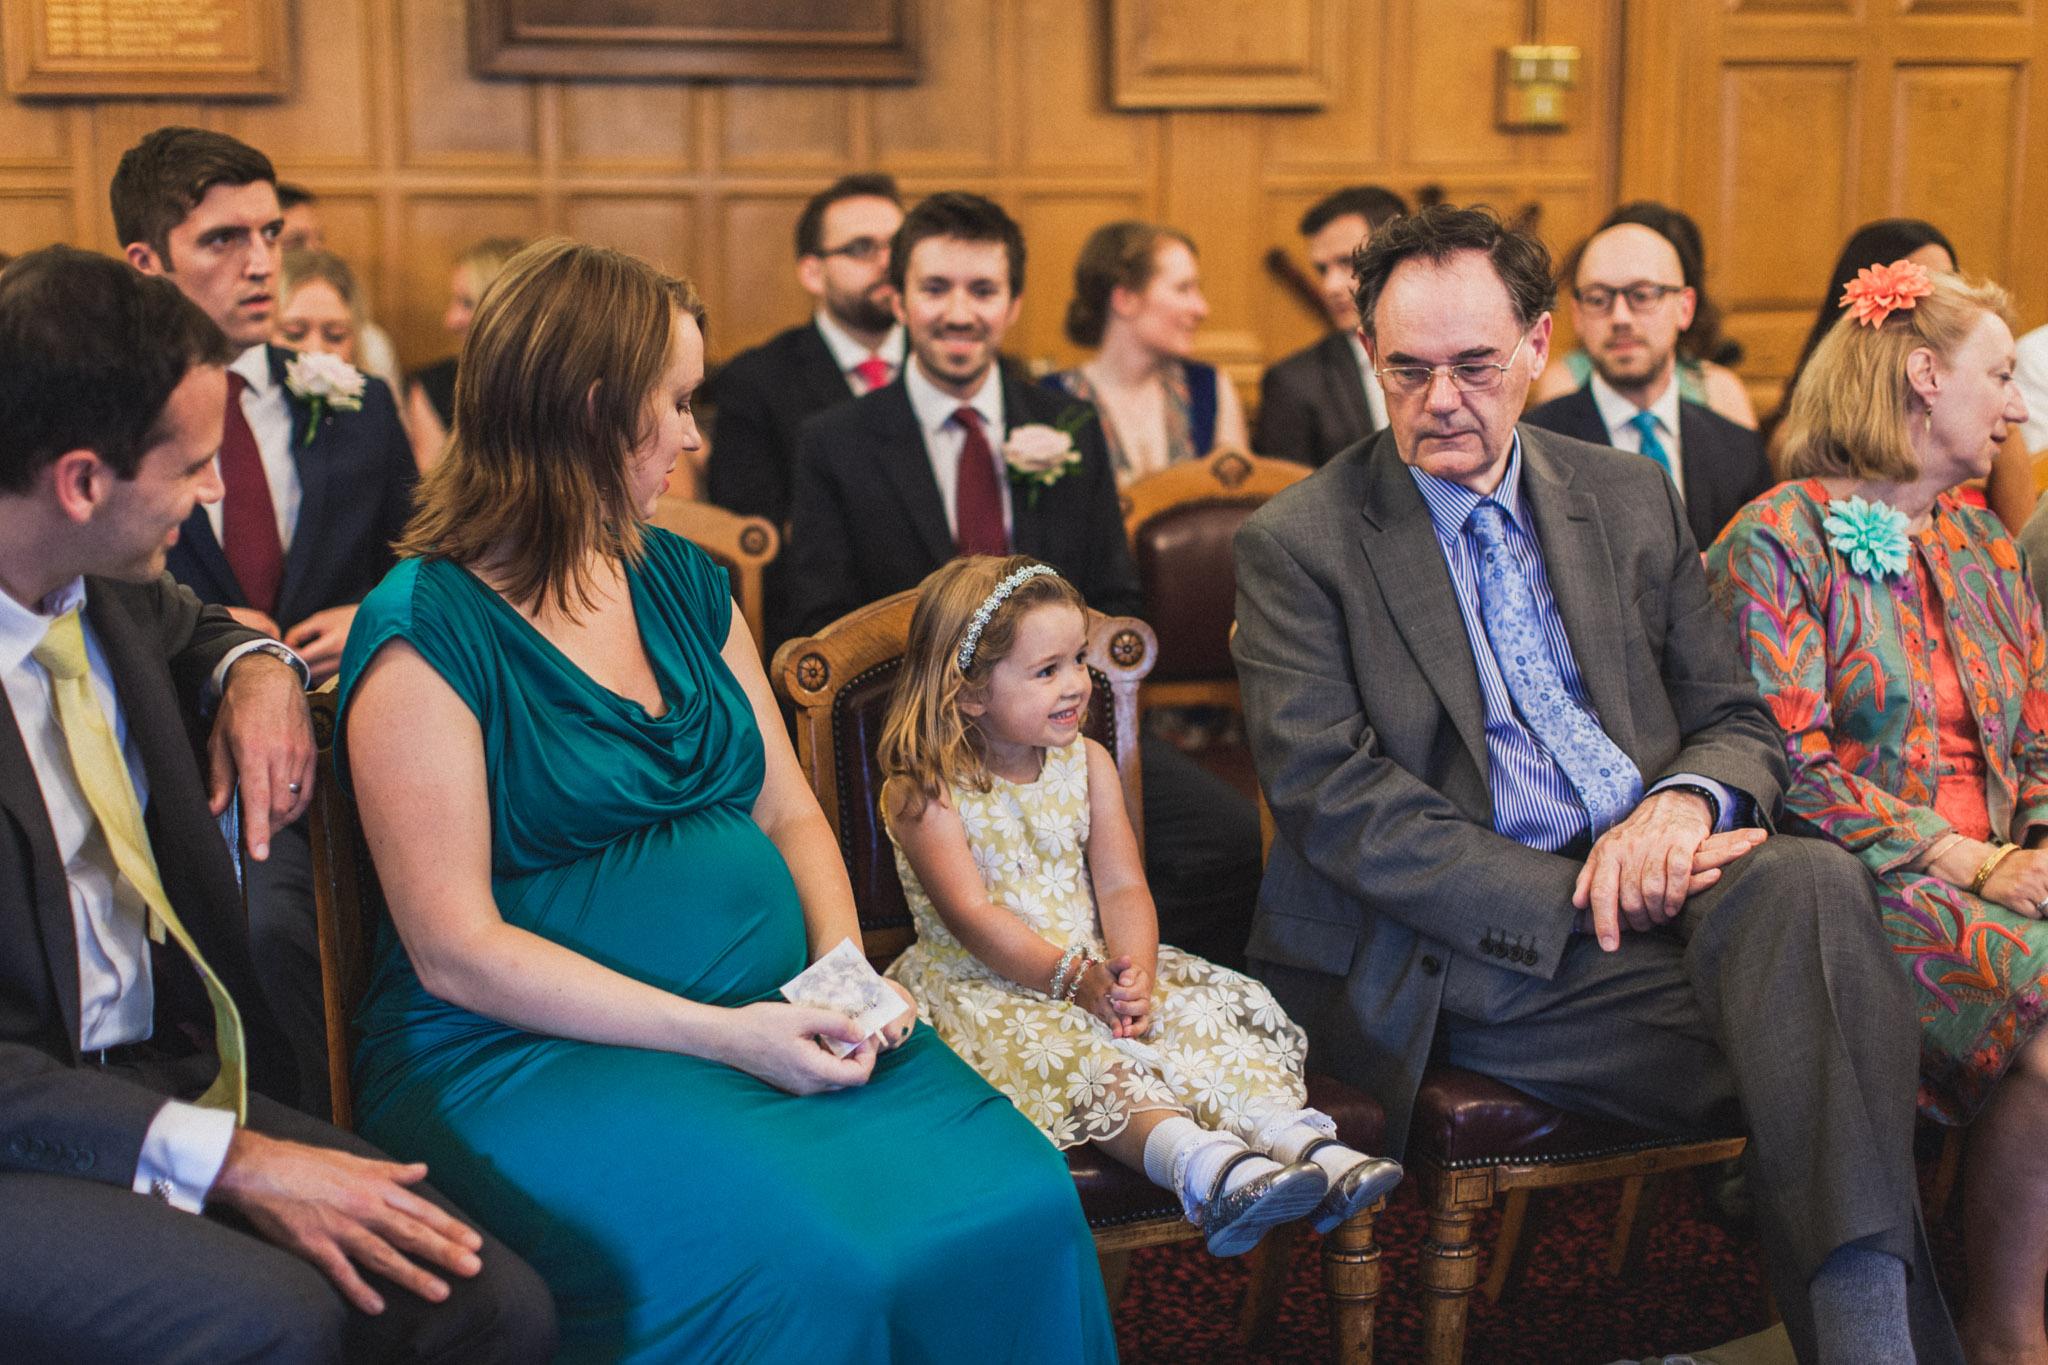 lewes_wedding_photographer_0026.jpg